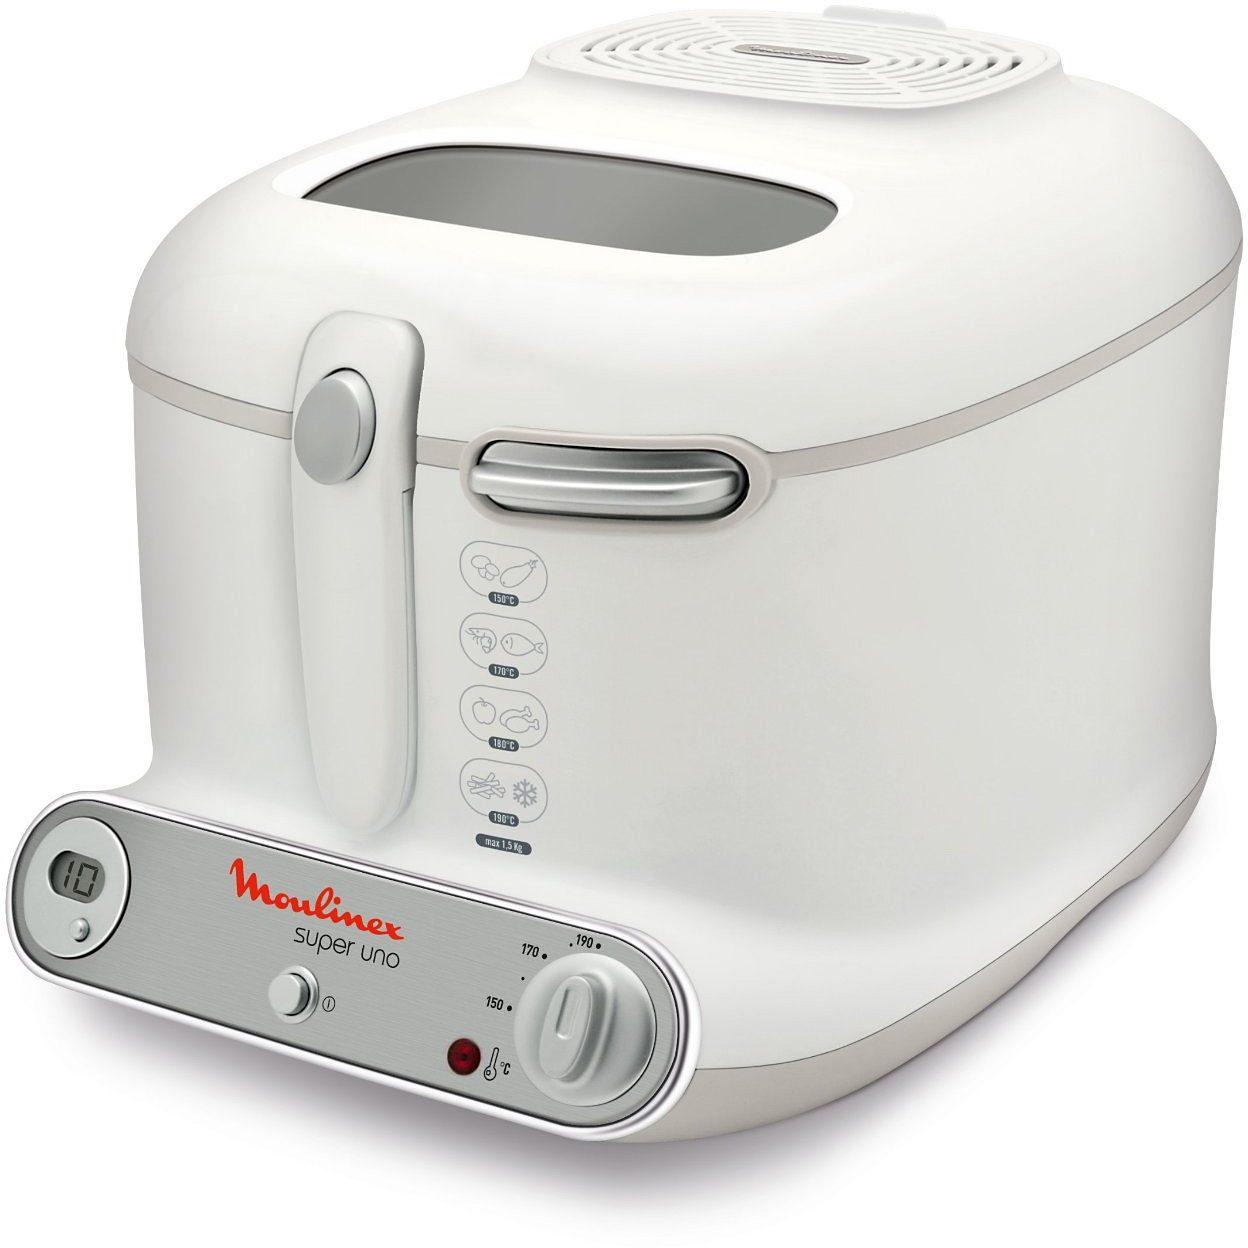 Moulinex Fritteuse AM3021, Füllmenge 2,2 Liter, wärmeisoliertes Thermogehäuse, 1800 Watt